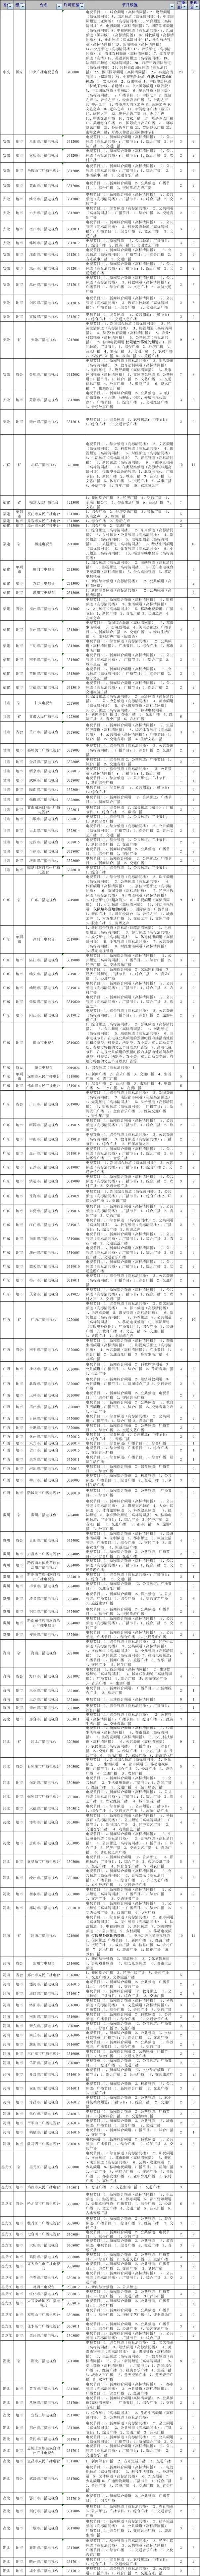 【数据】中国有多少家广播电视台?